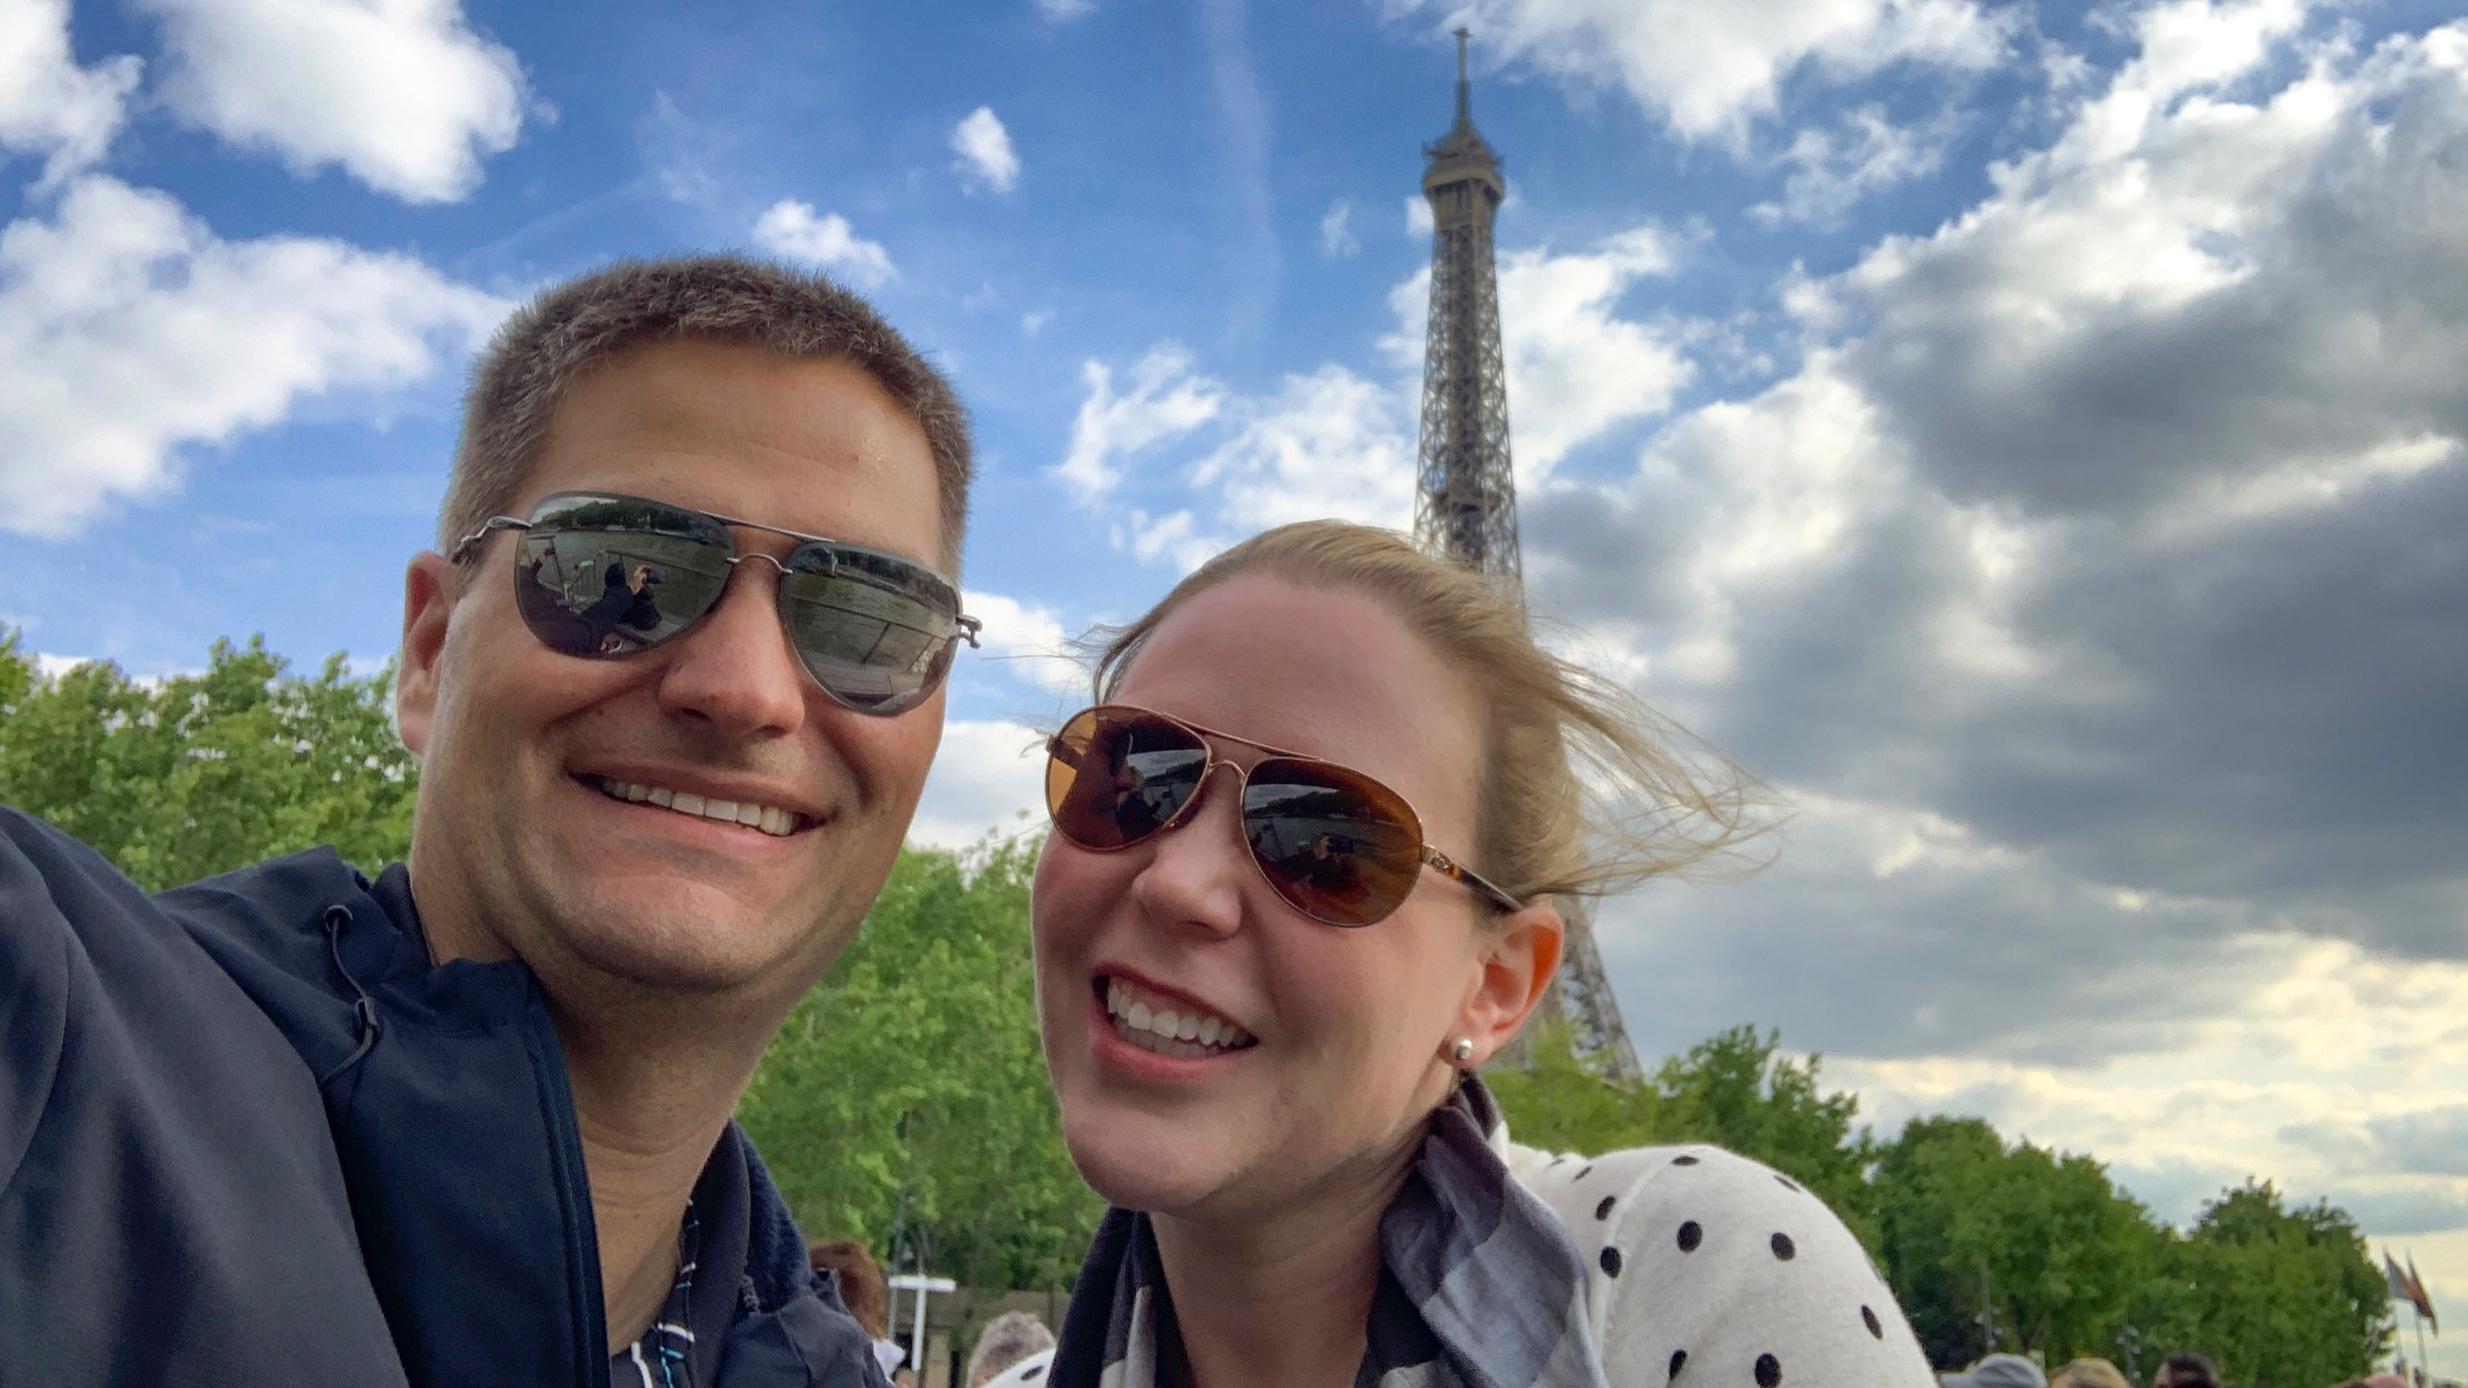 Enjoying a river tour on the Seine.